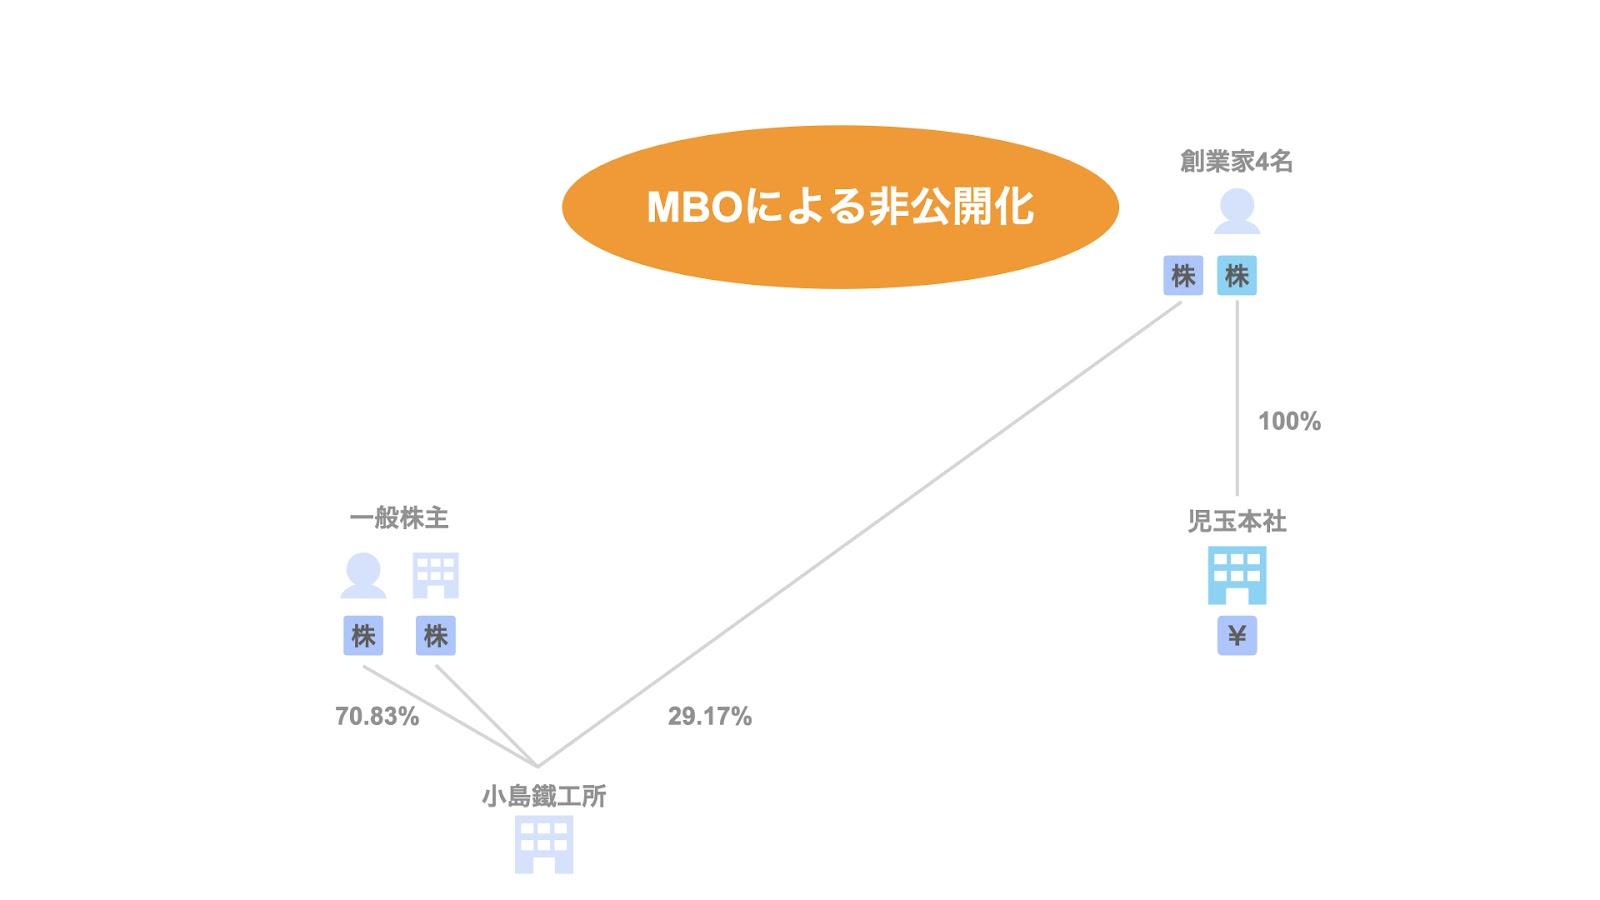 事例2. 小島鐵工所/MBOによる非公開化(TOB)